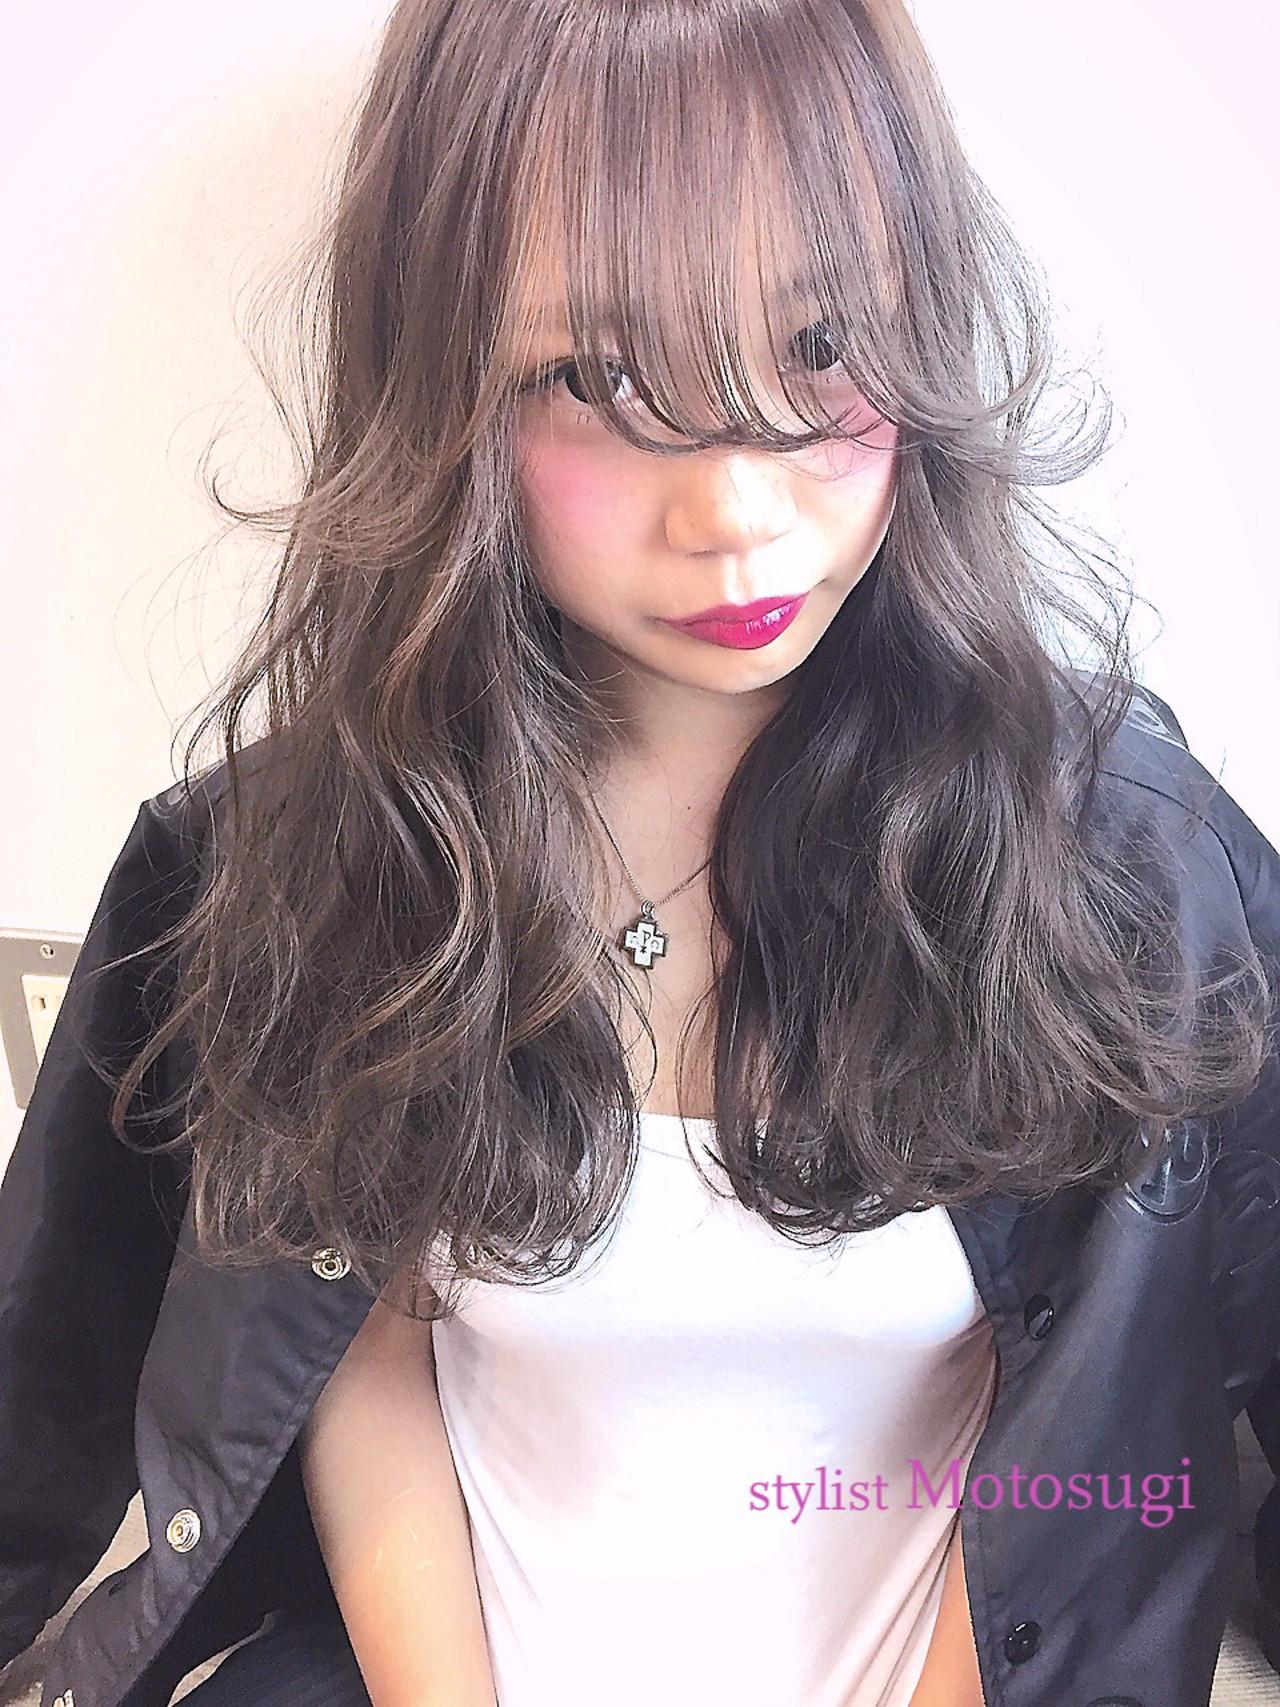 ファサっとした前髪が特徴のシースルー天使の羽バング 元杉 允駿